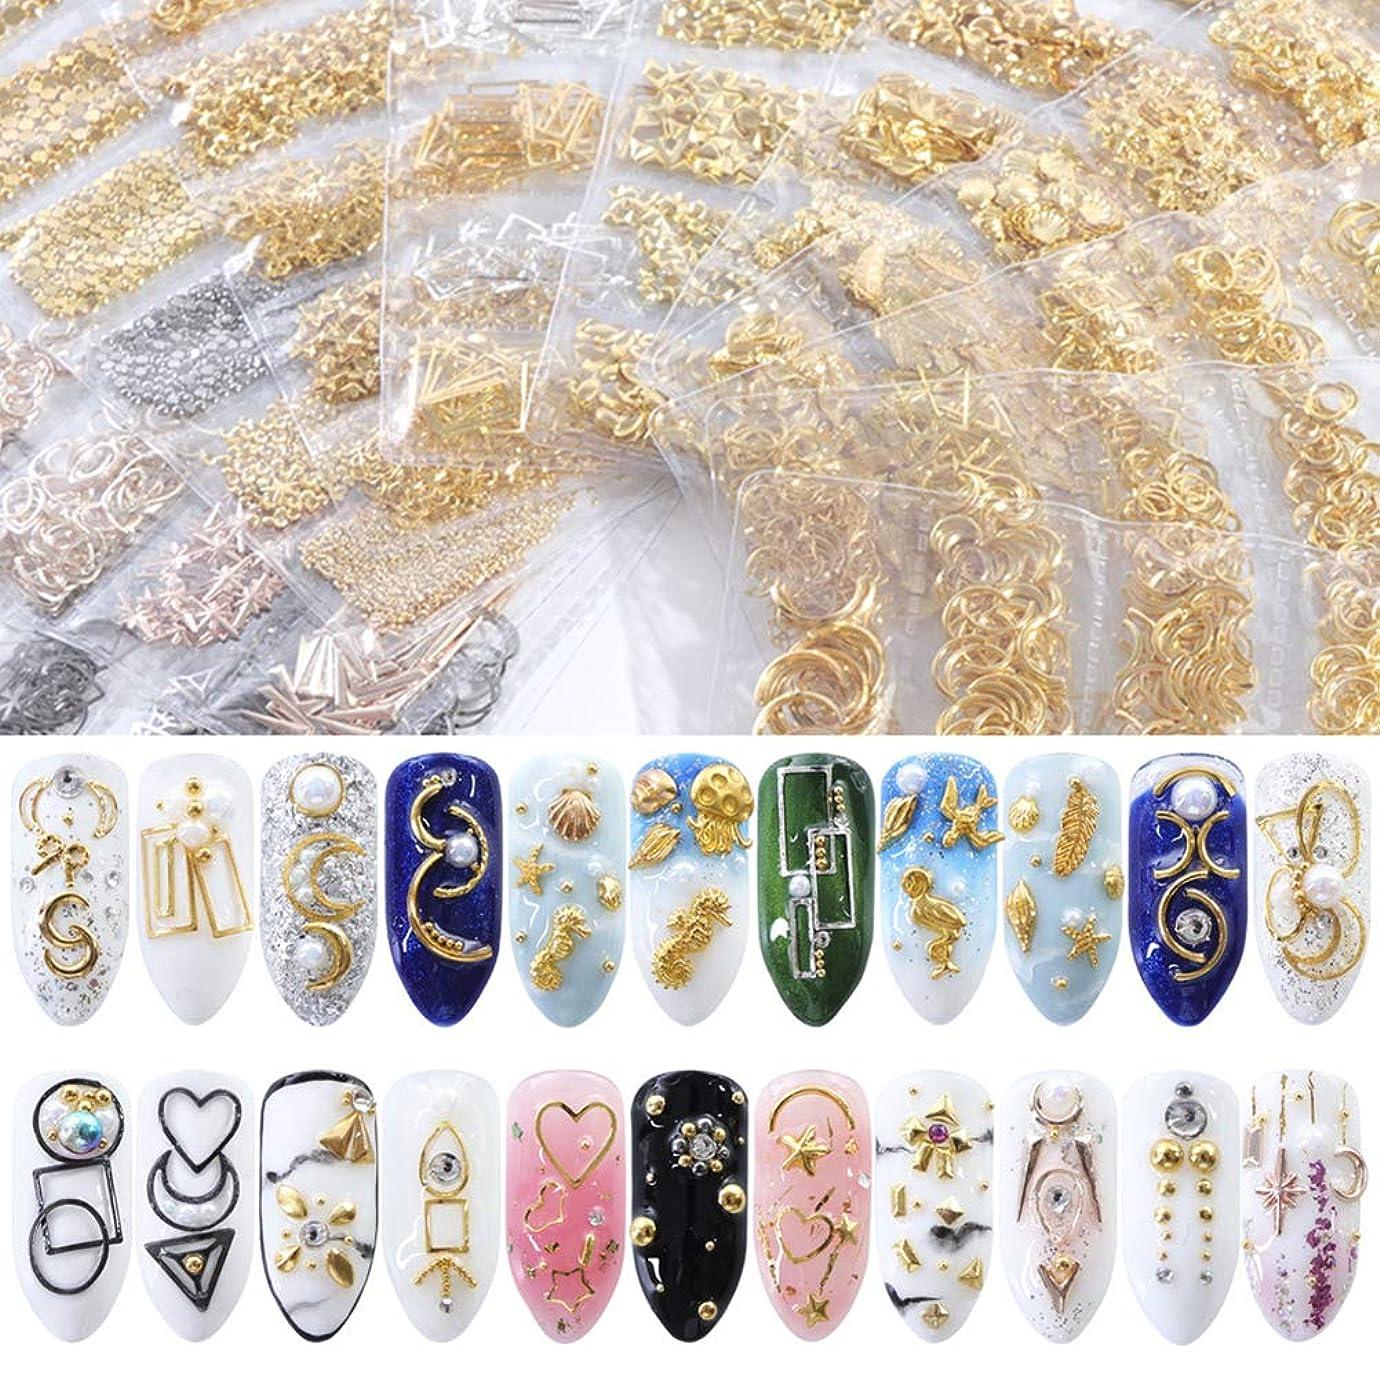 はちみつ最愛の収穫HuangHM 48種類 ミックス DIY 3Dメタルスタッズ ゴールド シルバー セリフネイルアートデコレーションパーツ 可愛いプレゼント クリスマスアクセサリー 彼女 マニキュアデザインセット